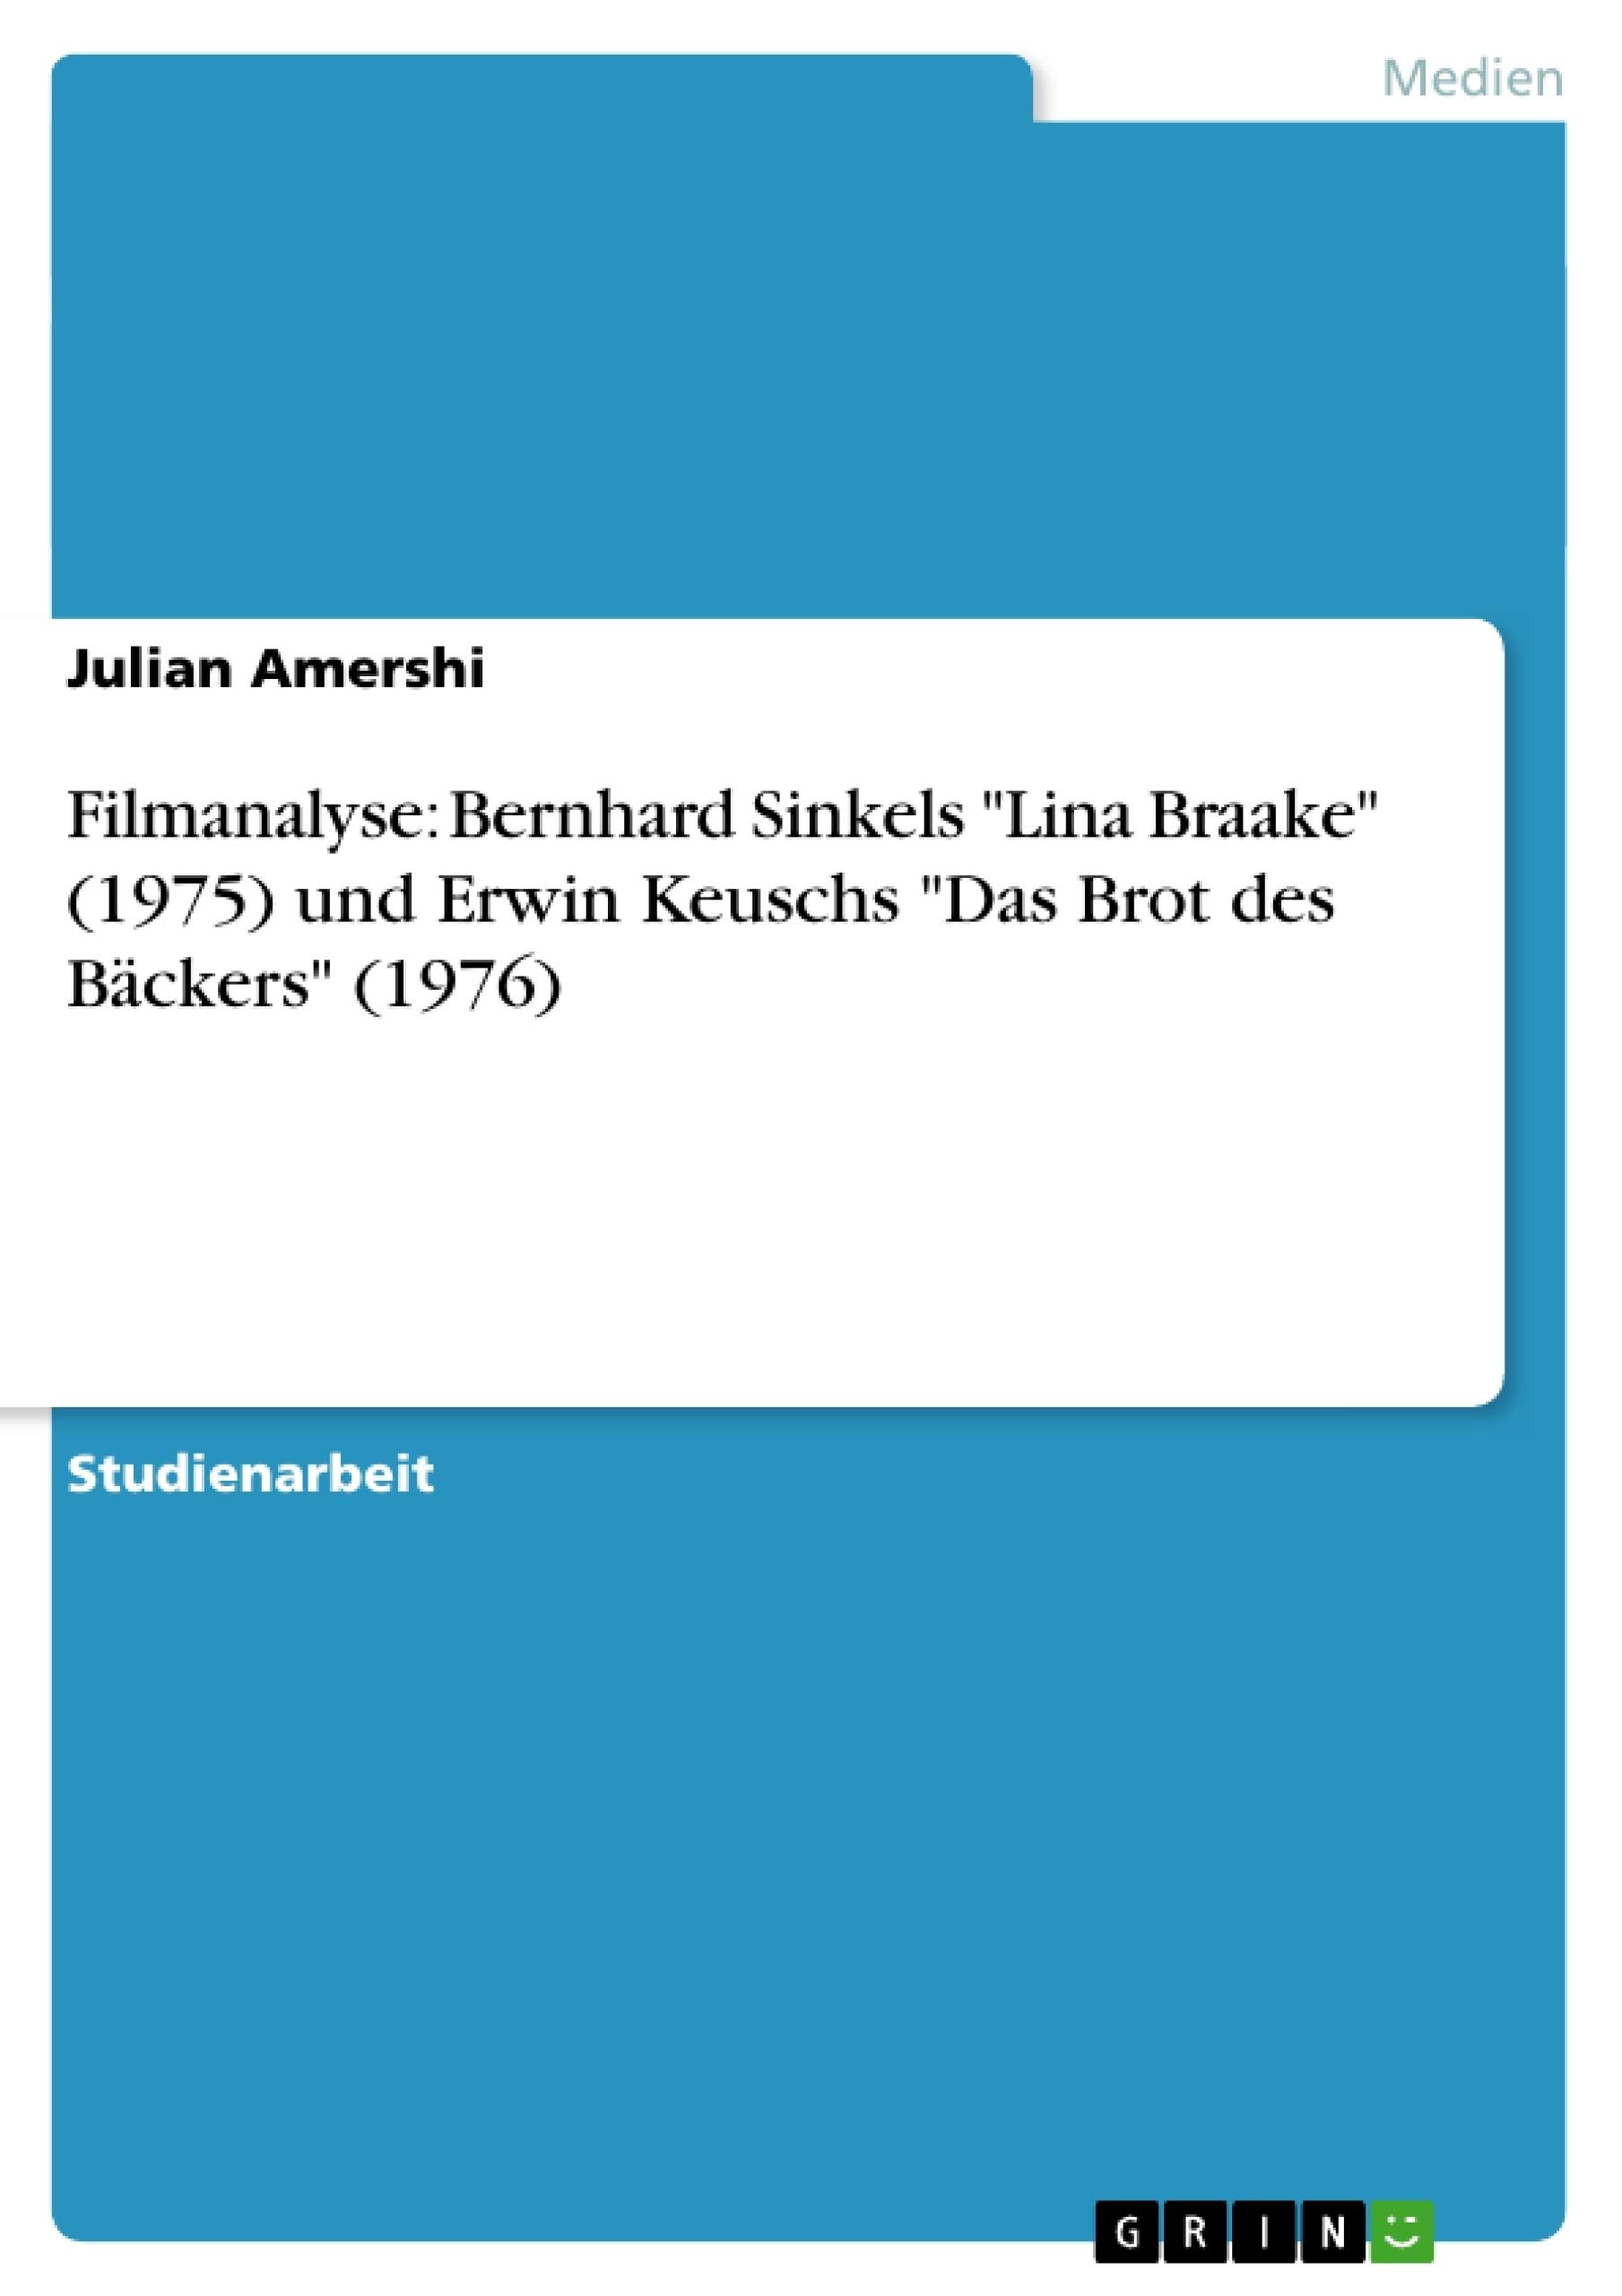 """Titel: Filmanalyse: Bernhard Sinkels """"Lina Braake"""" (1975) und Erwin Keuschs """"Das Brot des Bäckers"""" (1976)"""